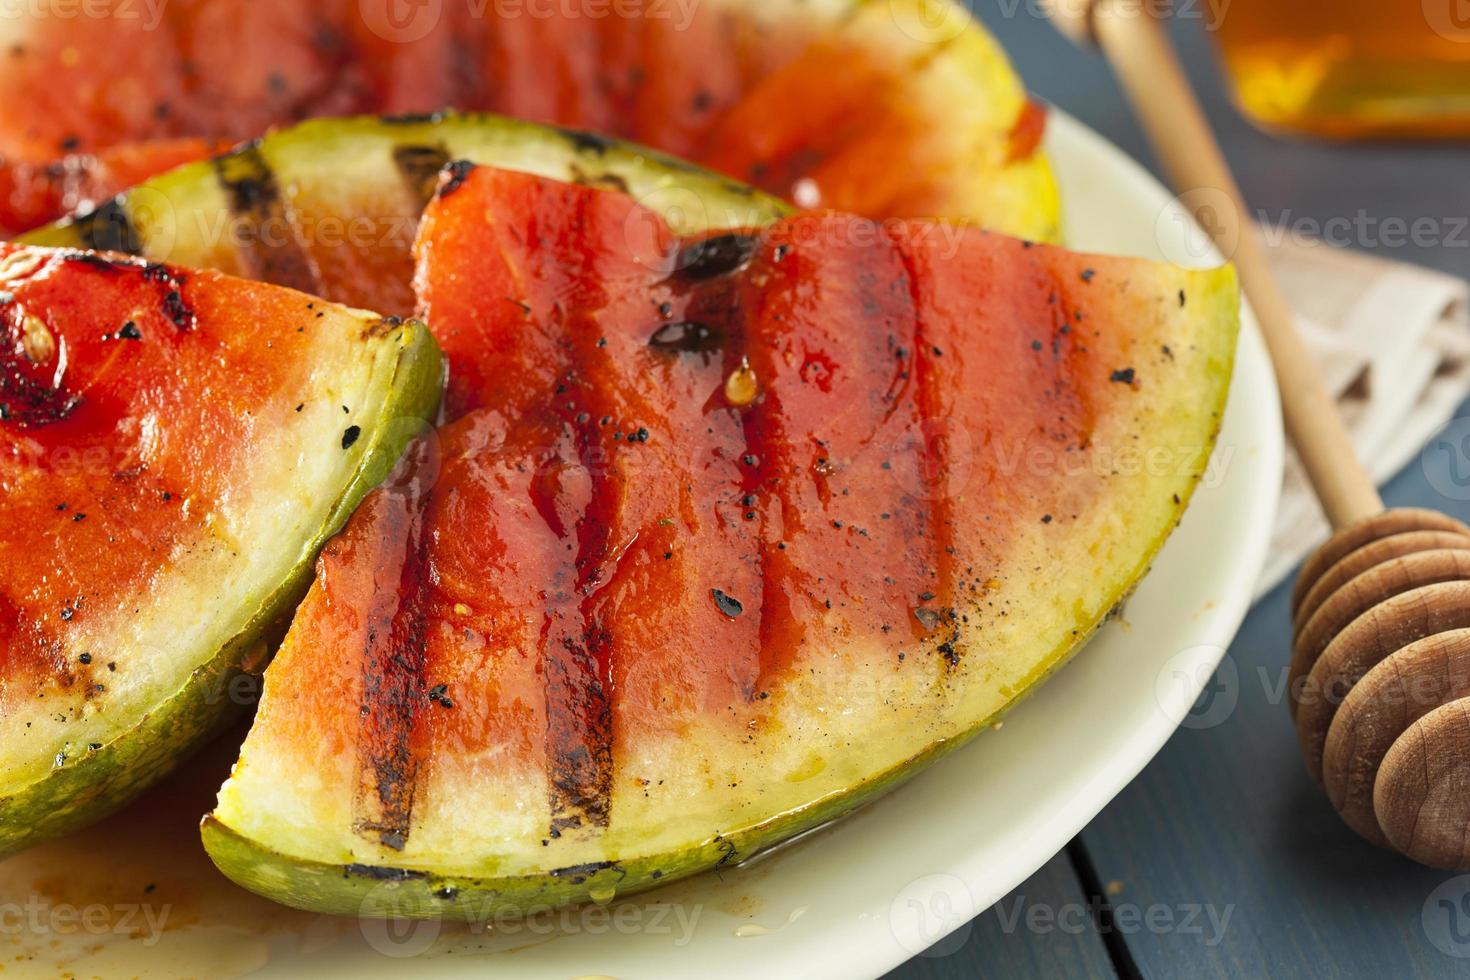 pastèque grillée bio mûre et saine photo